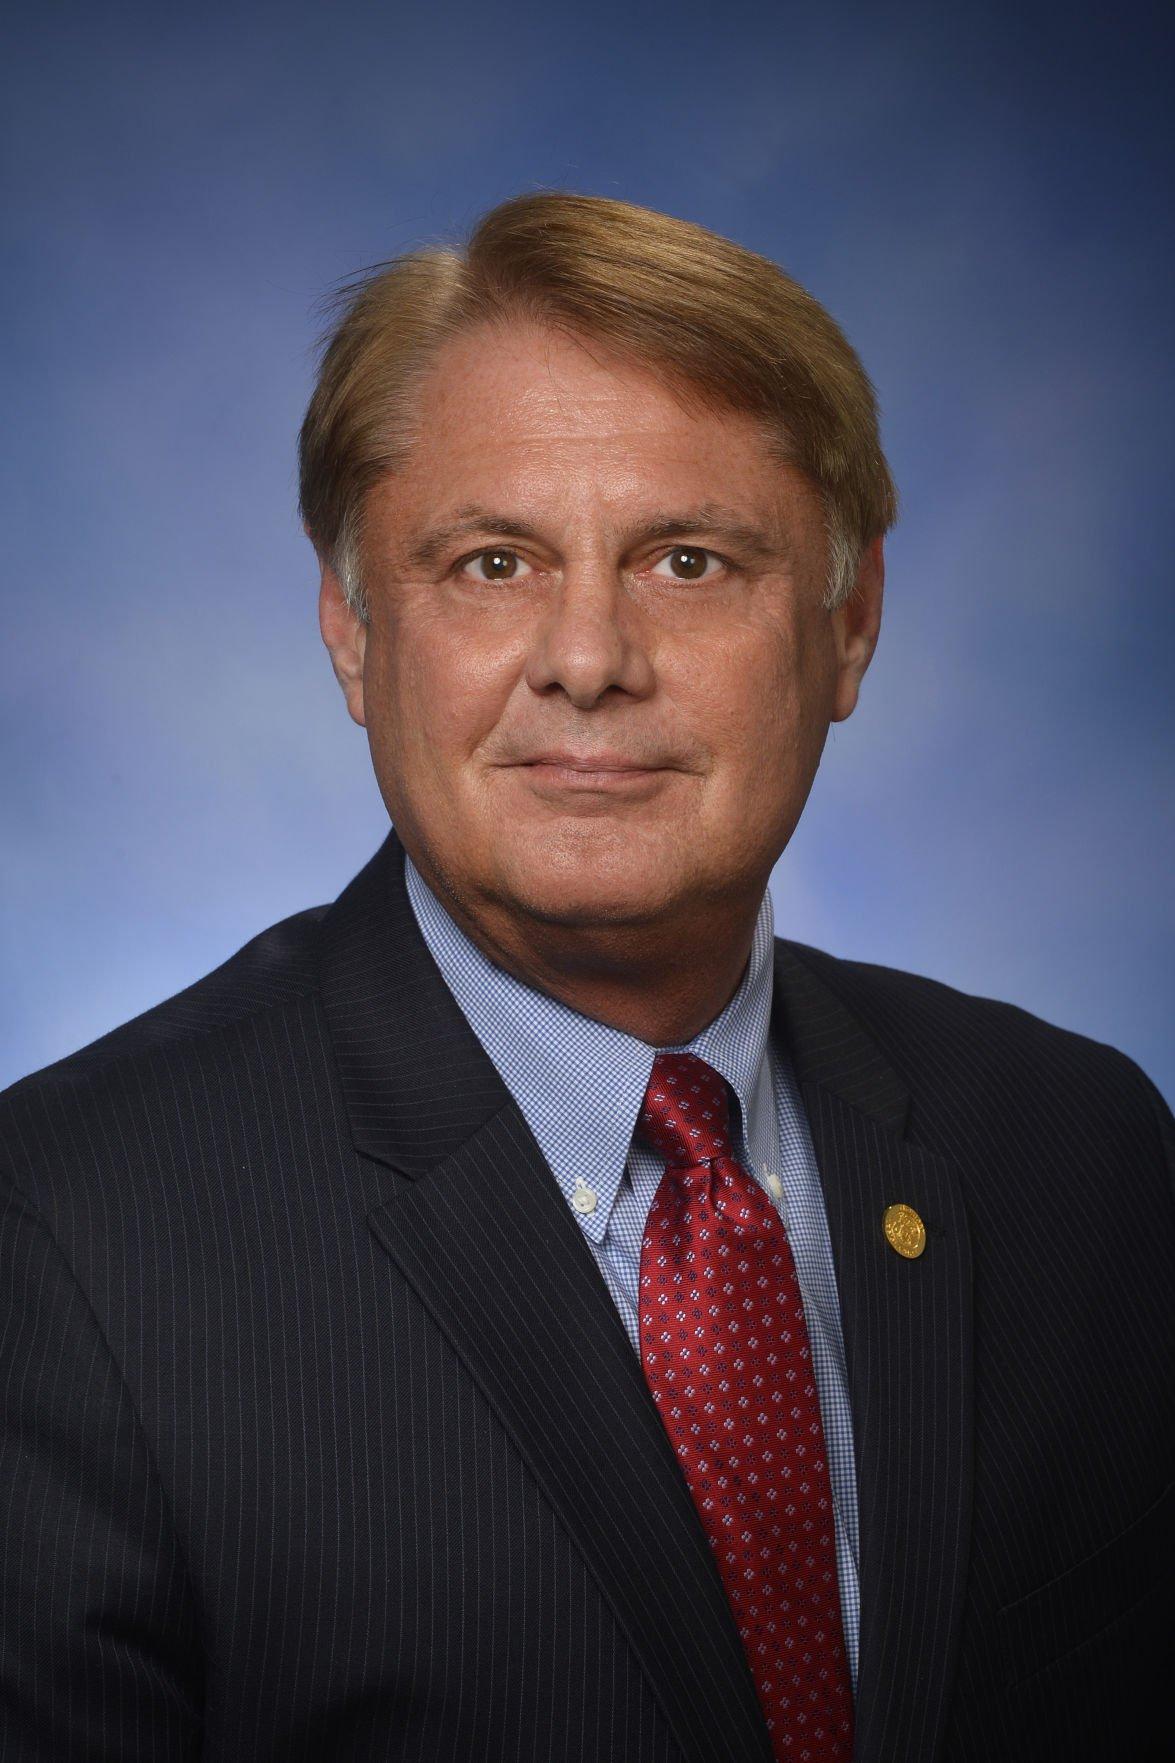 FILE - MI Rep. Larry Inman